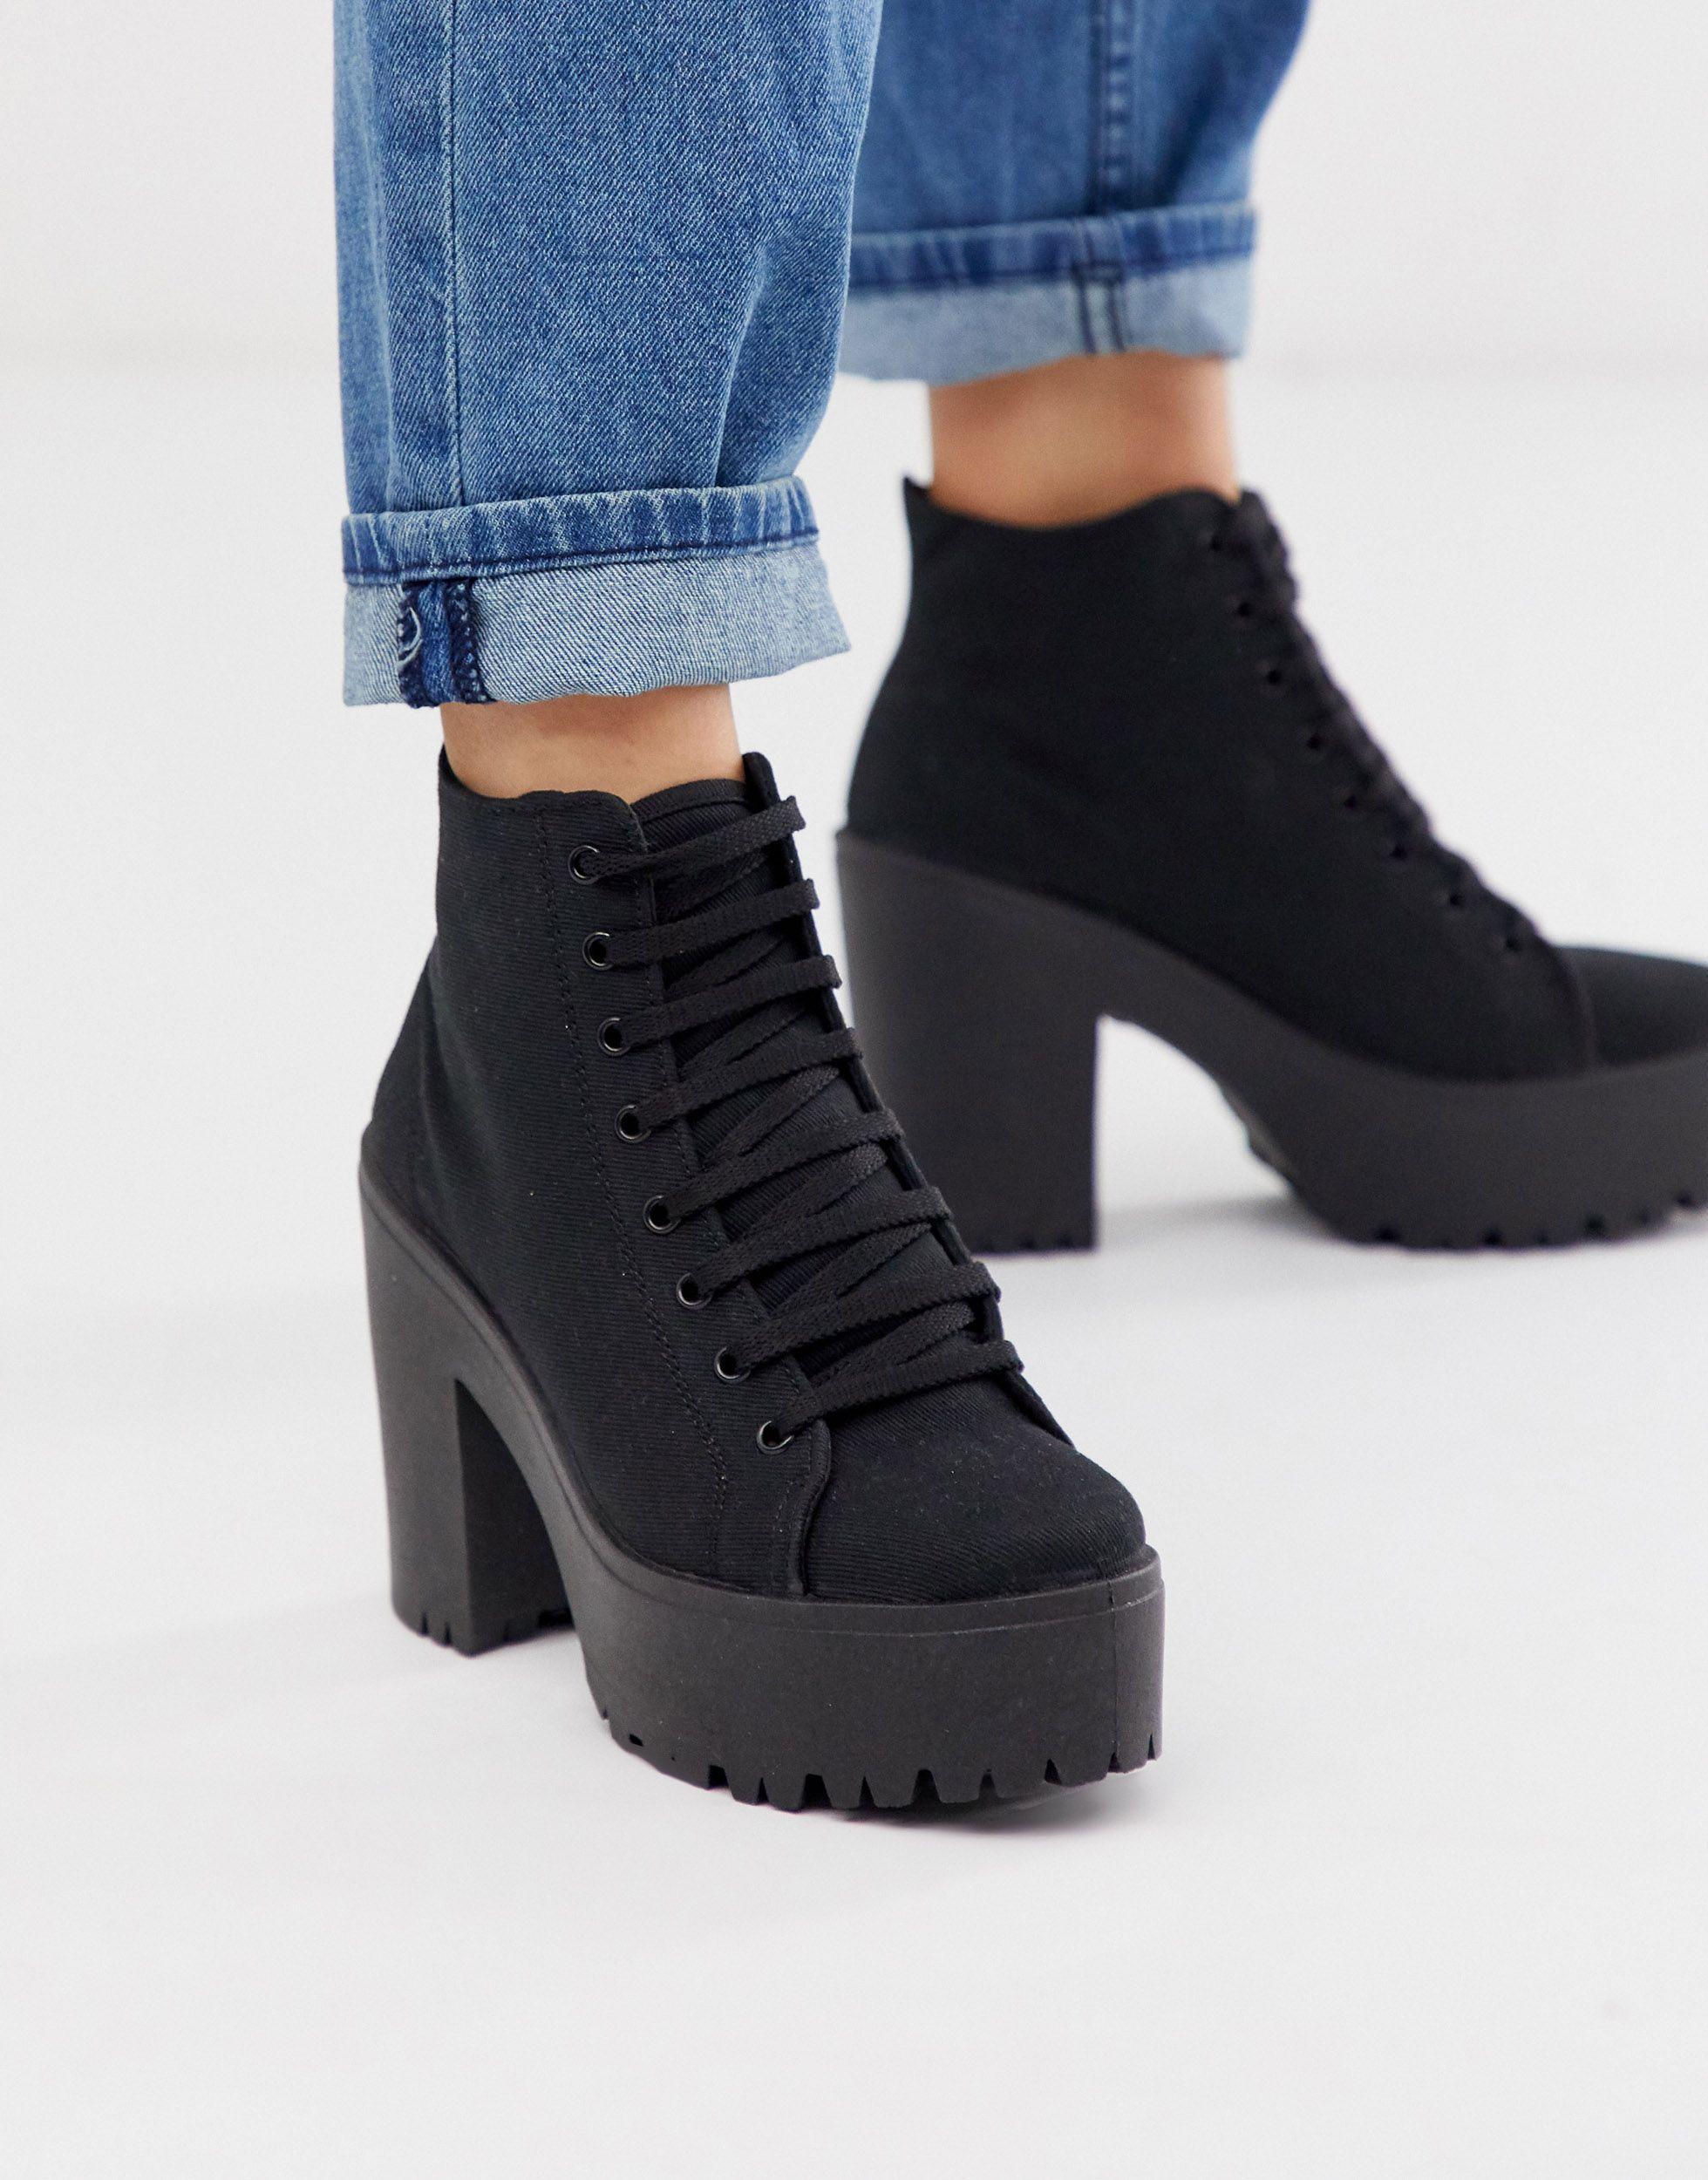 Botas ASOS de Lona de color Negro